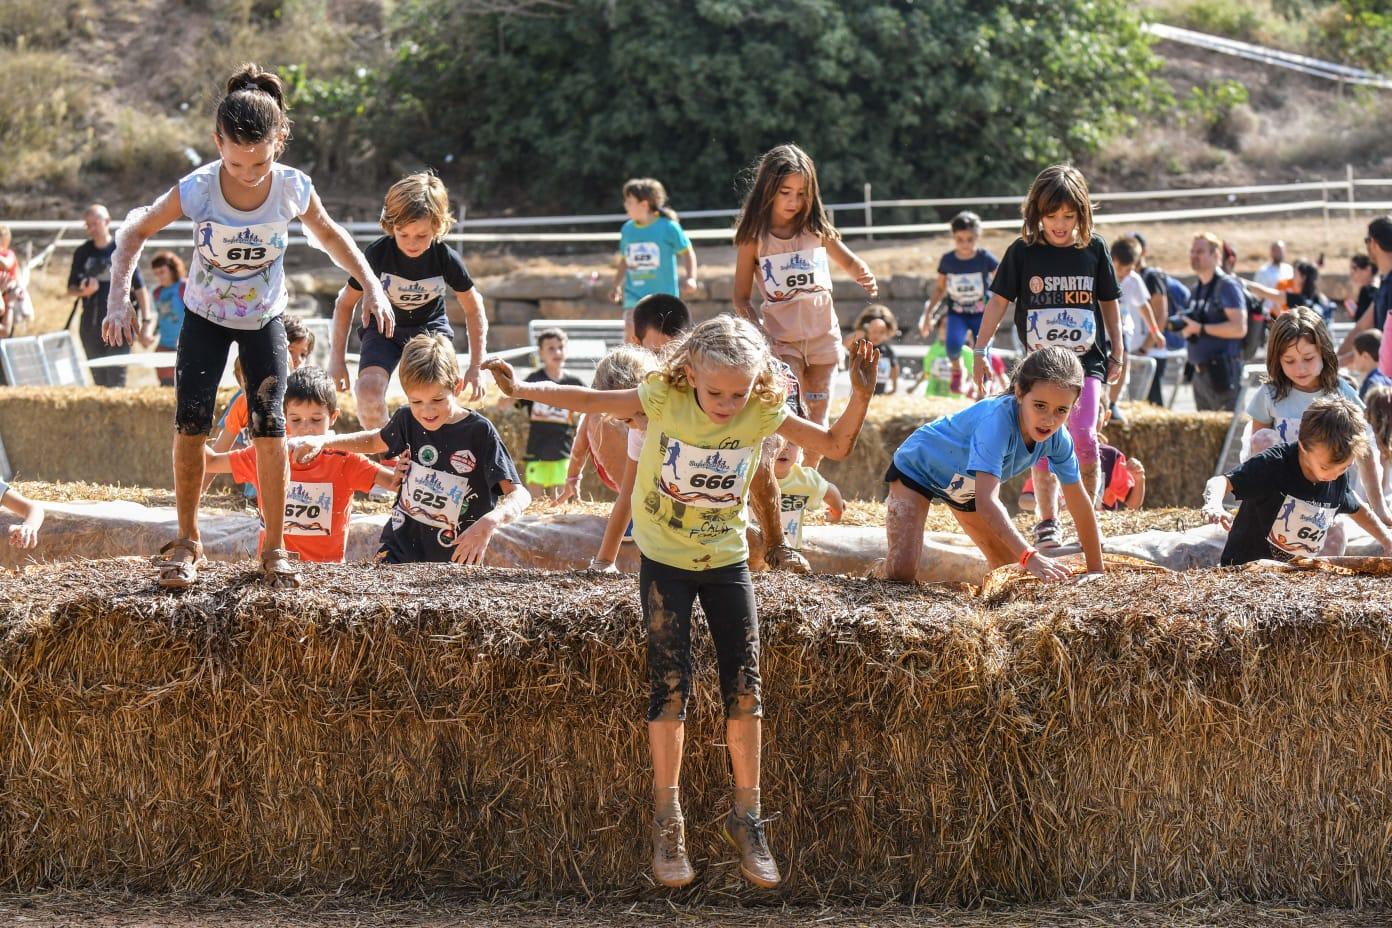 La 6ª edición de los Benet Games de Sant Fruitós de Bages finaliza con más diversión que nunca, atrayendo a más de 27.000 visitantes